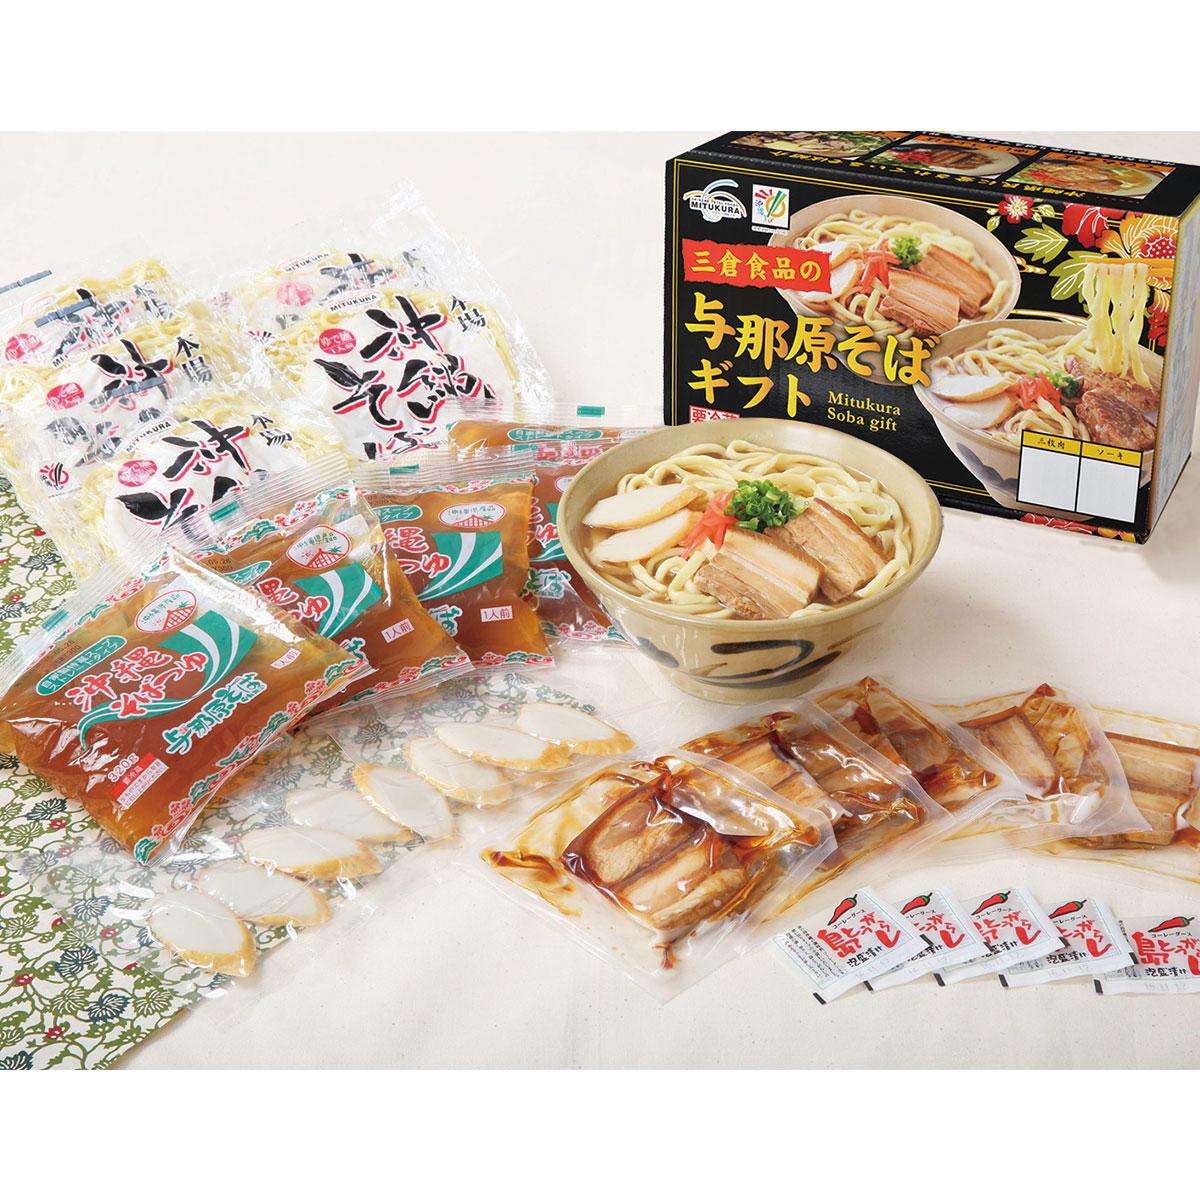 沖縄与那原そばゆで5食セット 株式会社三倉食品 沖縄県 濃厚なうまみの豚の三枚肉がトッピングされた本格的「沖縄そば」